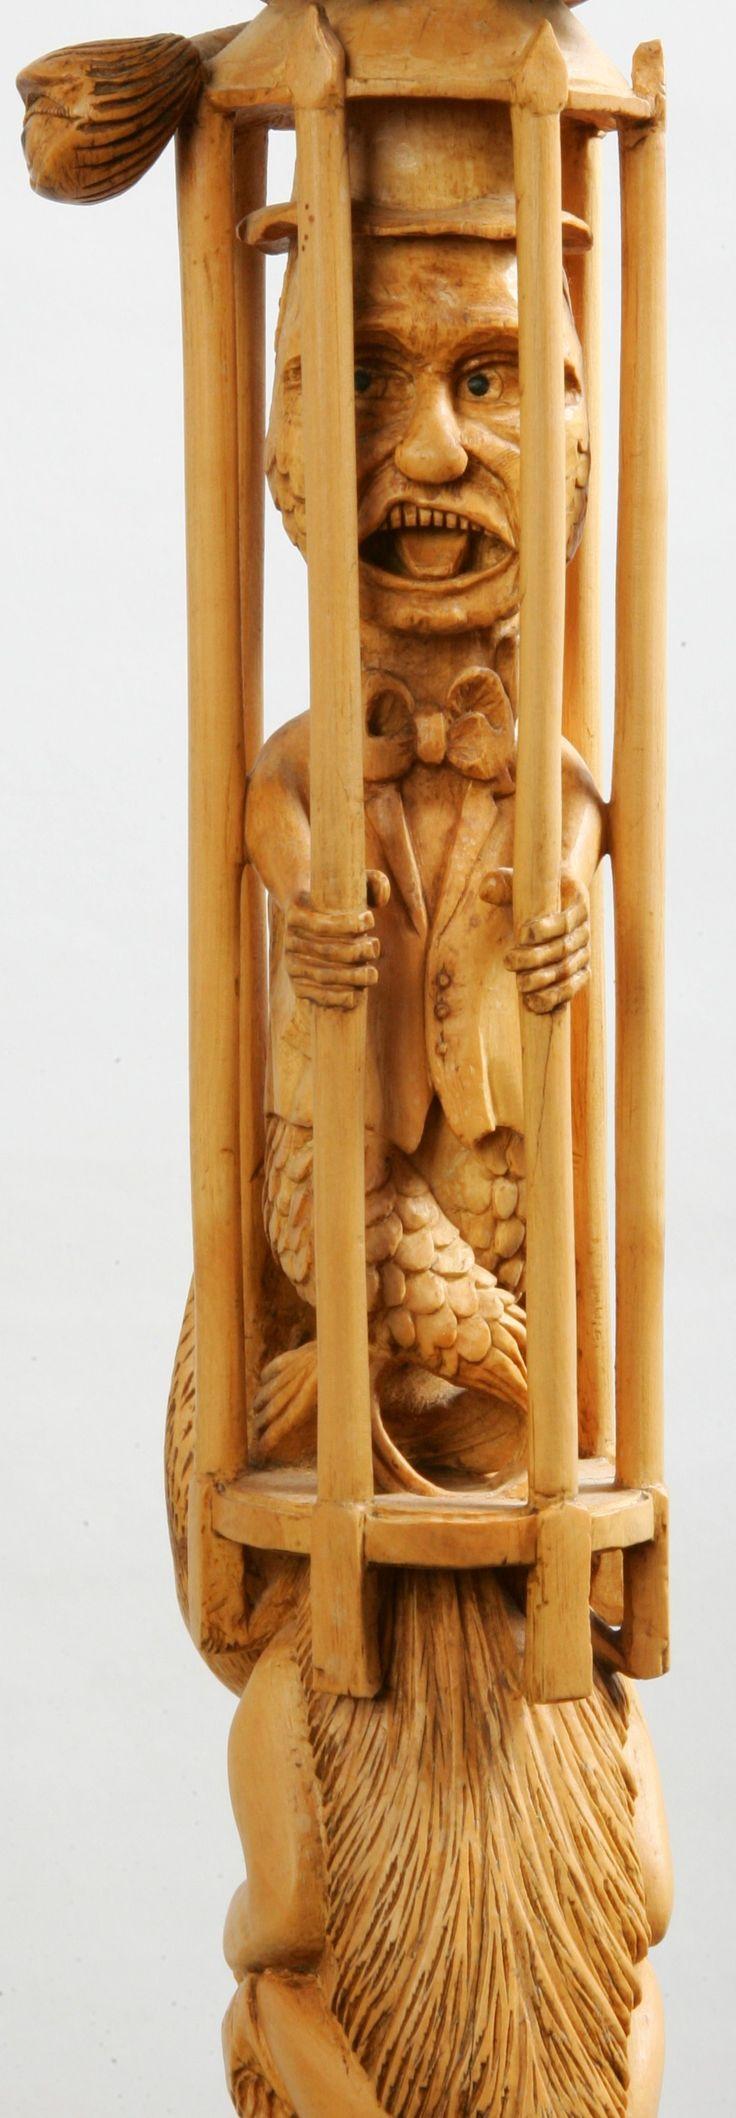 Sculptures bois sculpture en buis partie d 39 un b ton - Gouge sculpture bois ...